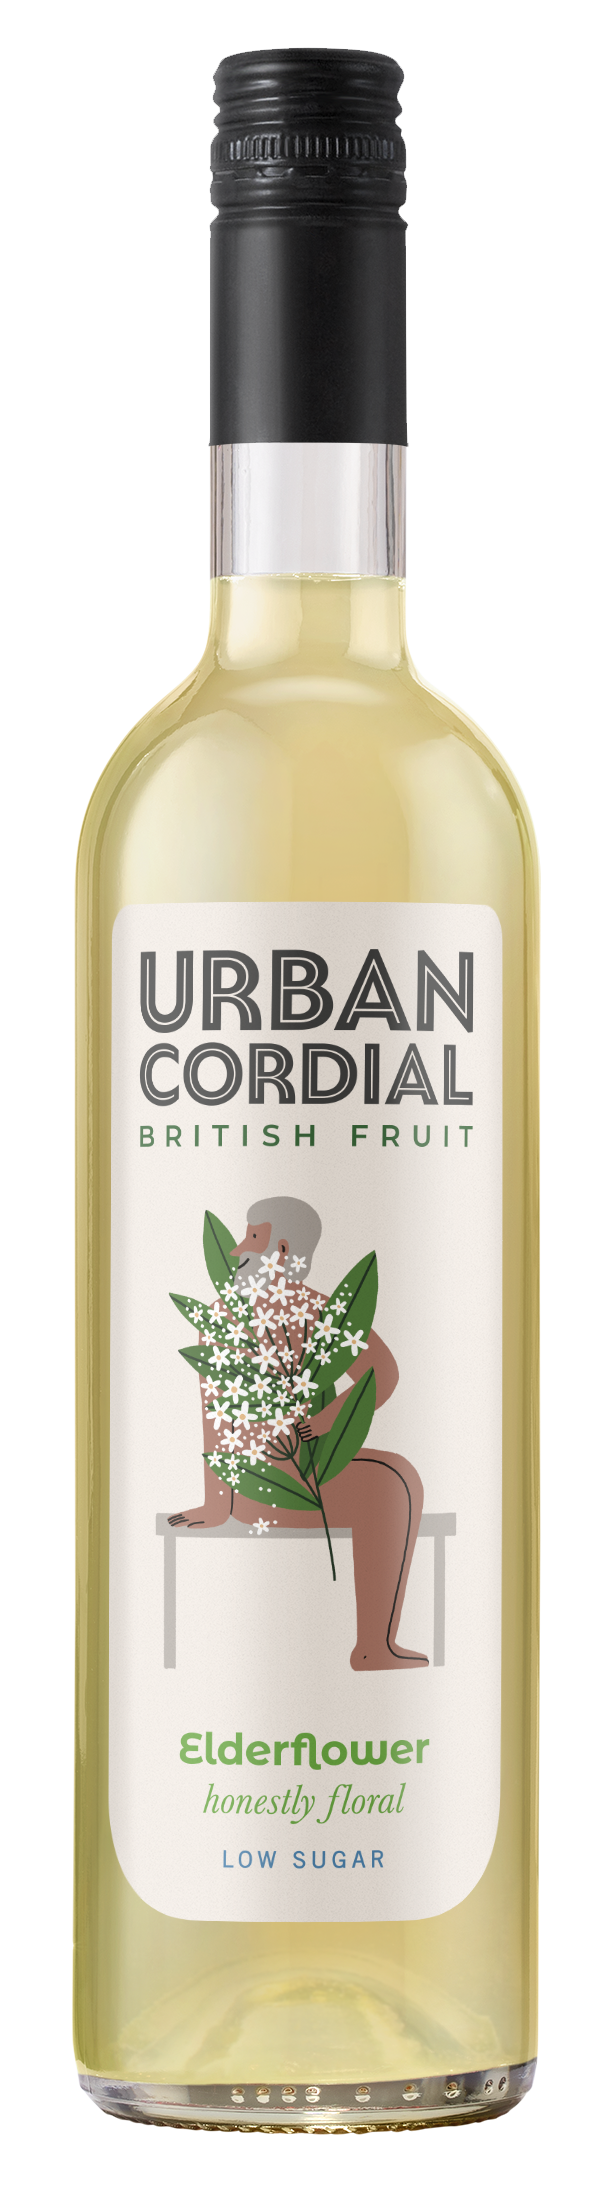 Elderflower Cordial by Urban Cordial 500ml